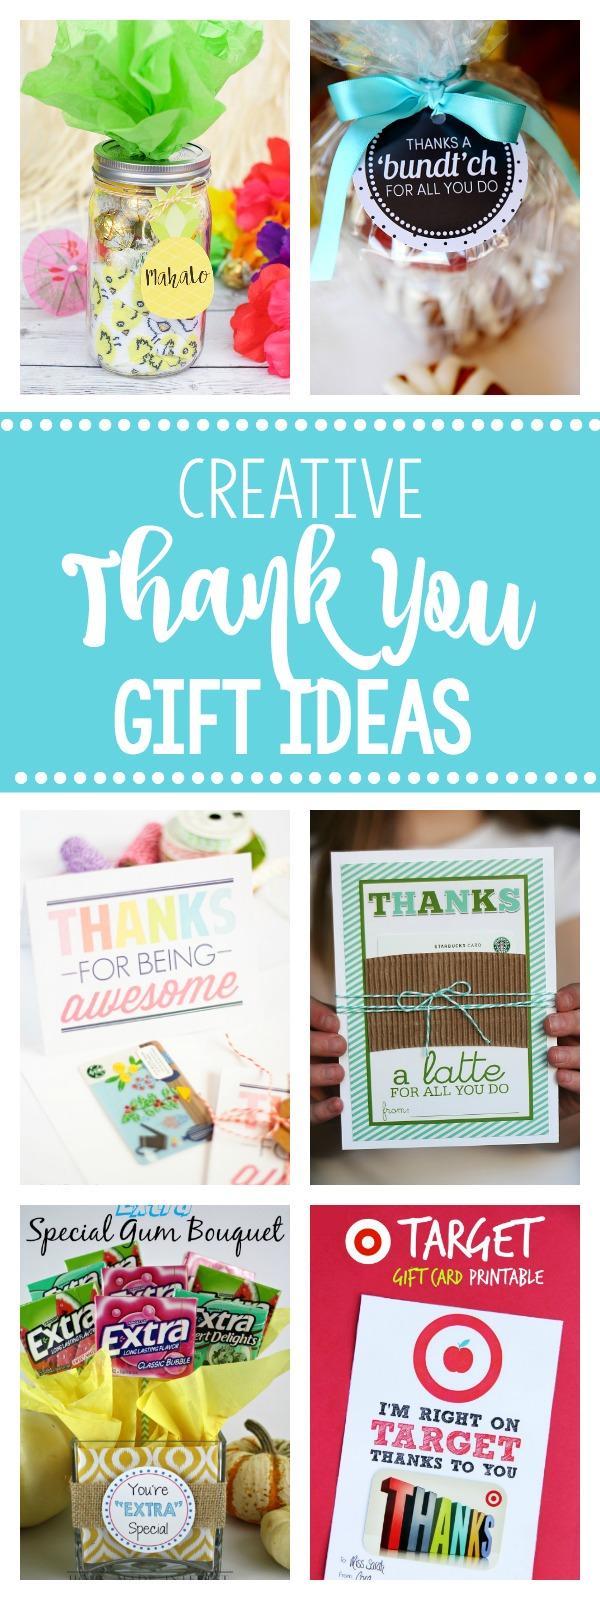 25 Fun Creative Thank You Gift Ideas Fun Squared